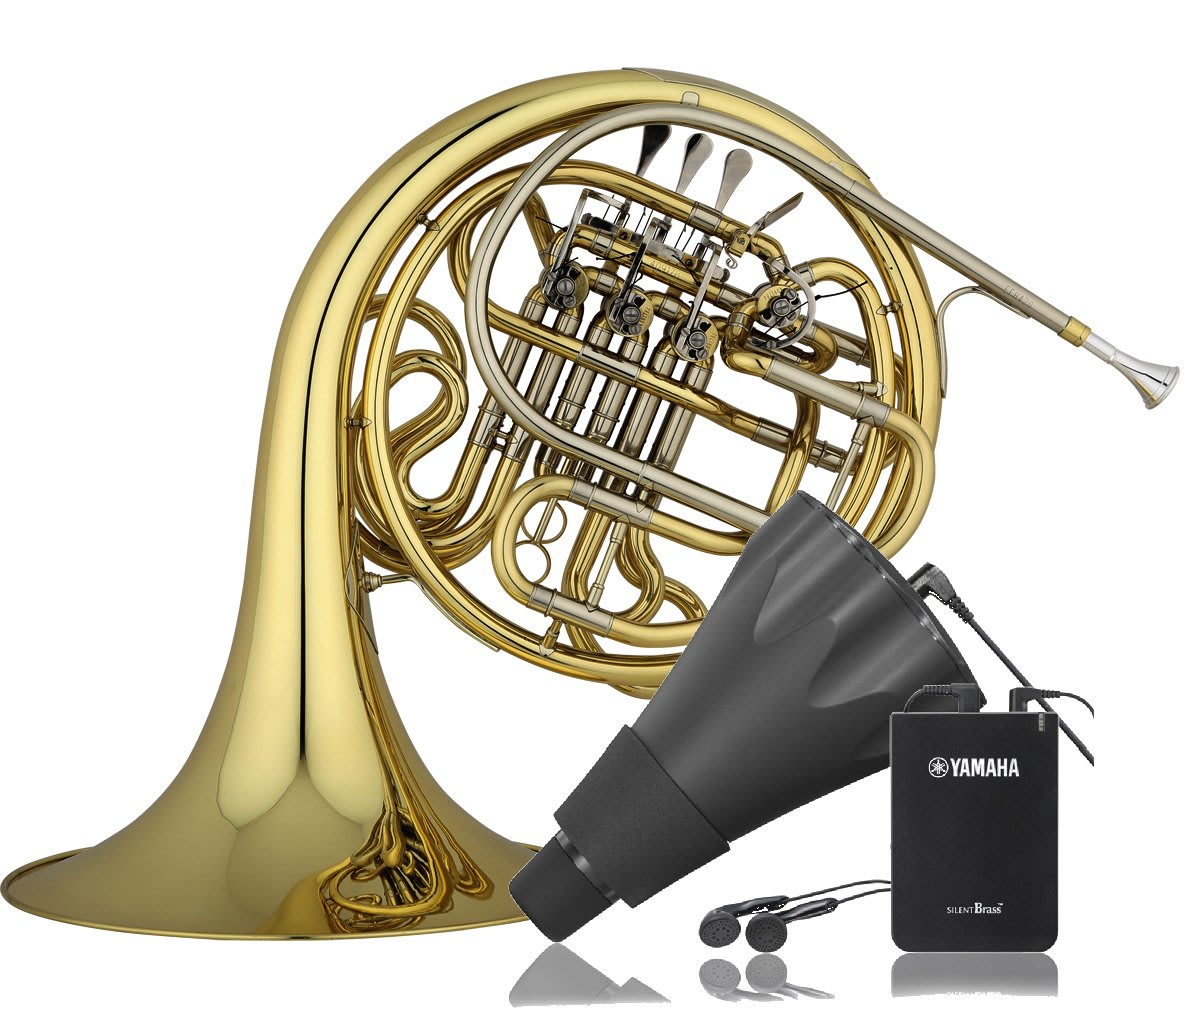 【偉博樂器】日本YAMAHA Silent Brass SB3X 法國號 Pickup Mute 銅管靜音效果器 弱音器